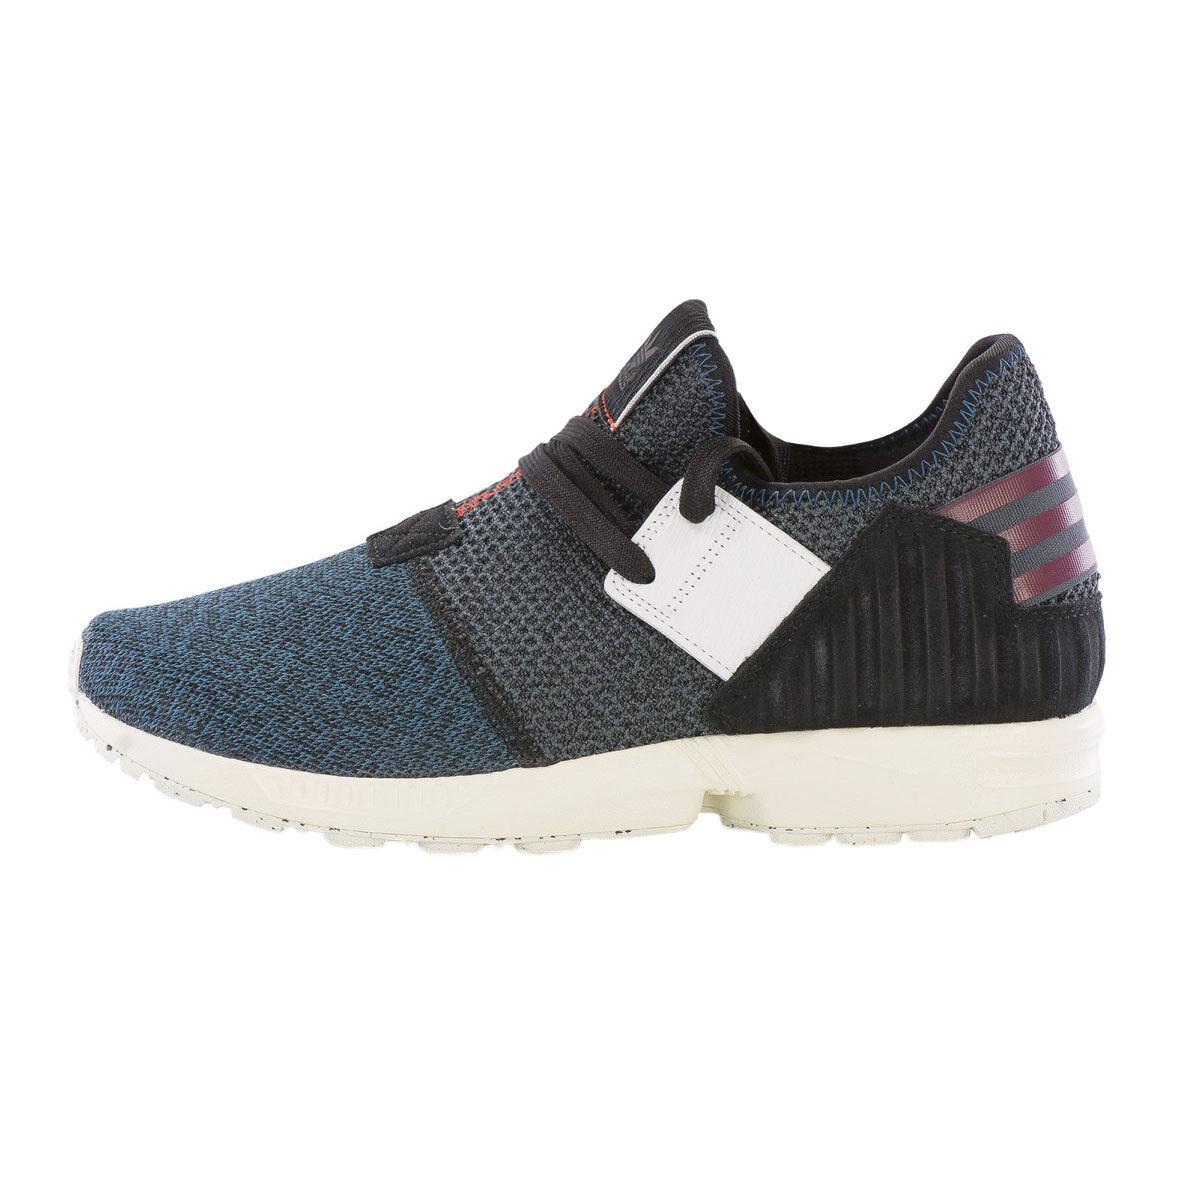 Adidas Originals Zx Flux Deporte Plus Zapatillas Deportivas Textil de Deporte Flux Hombre c0fc1a